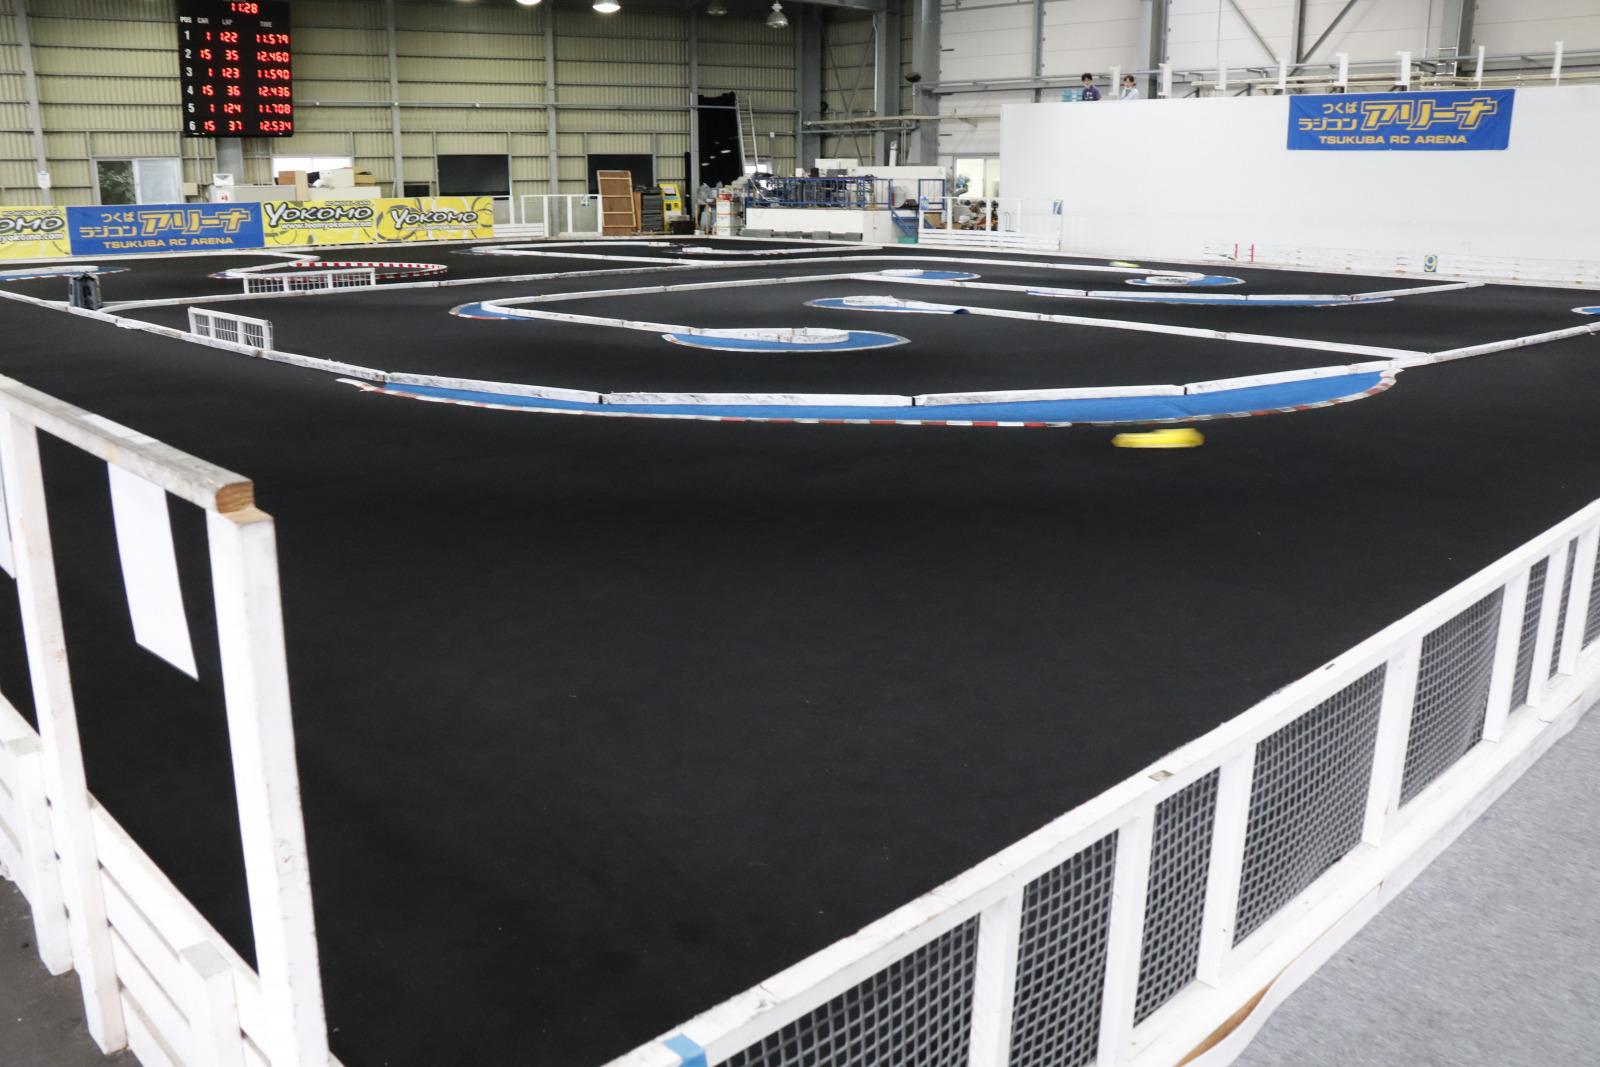 目に見えないほど速いラジコンが走るアリーナのオンロードコース。